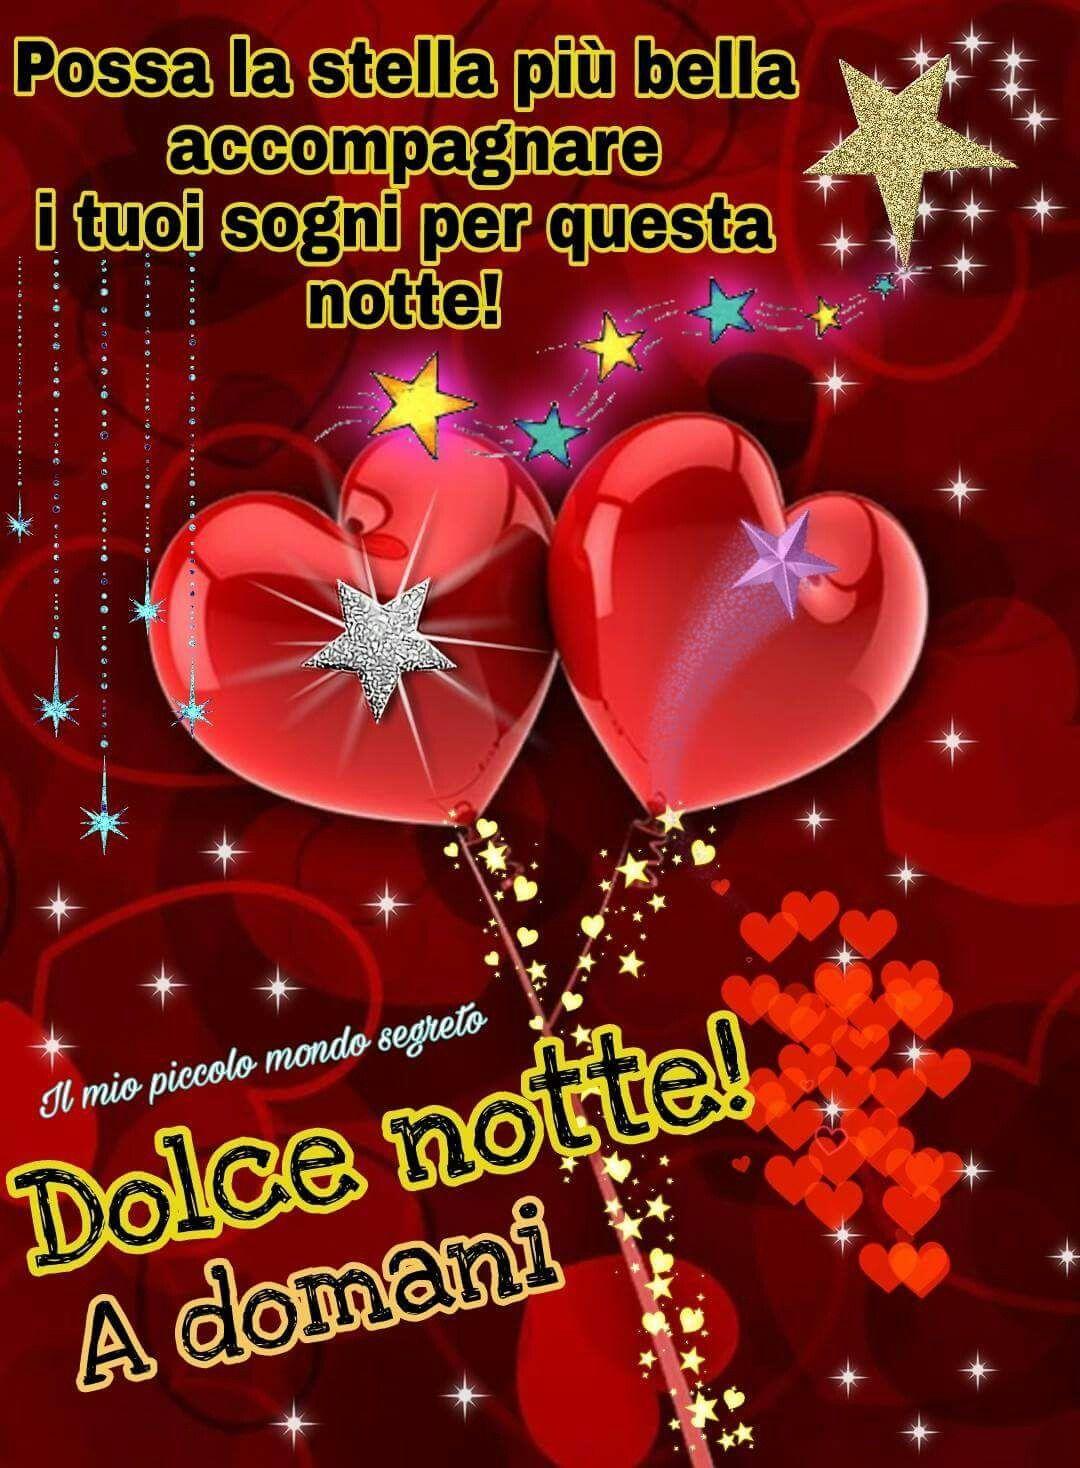 Buonanotte buongiorno pinterest padres y tela for Il mio piccolo mondo segreto buongiorno